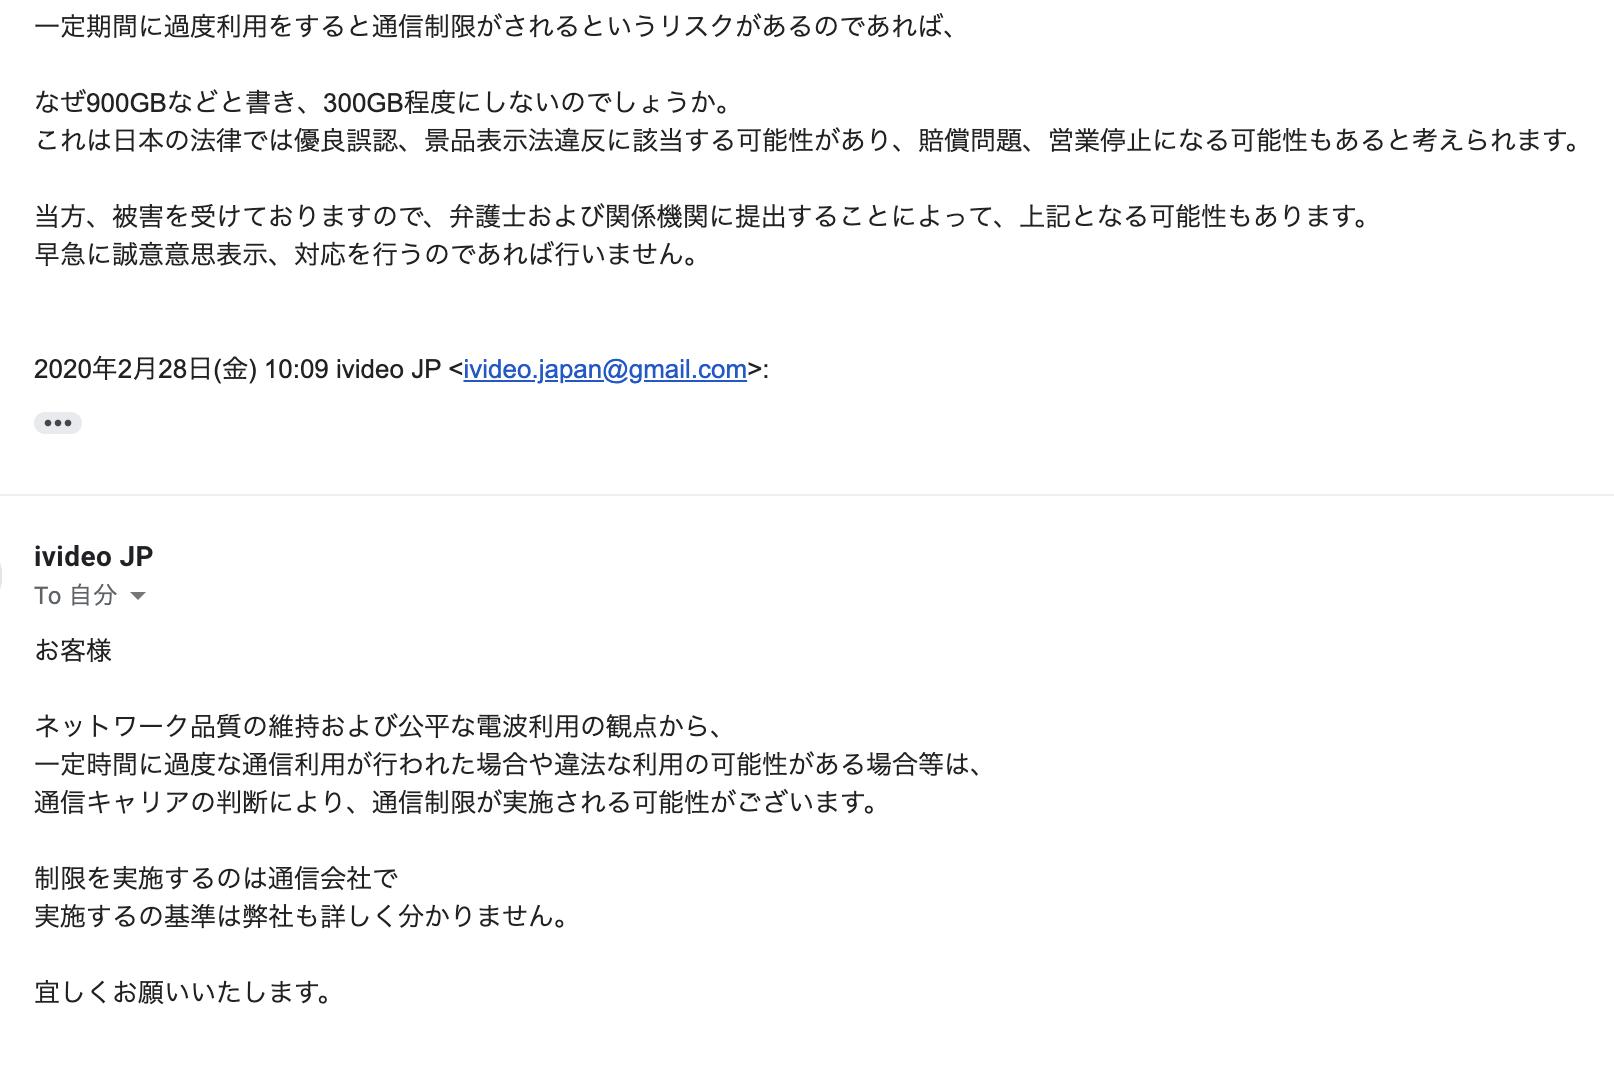 """<span class=""""title"""">300GBプランを900GBとして売る詐欺iVideoに色々言いたいことがある。</span>"""